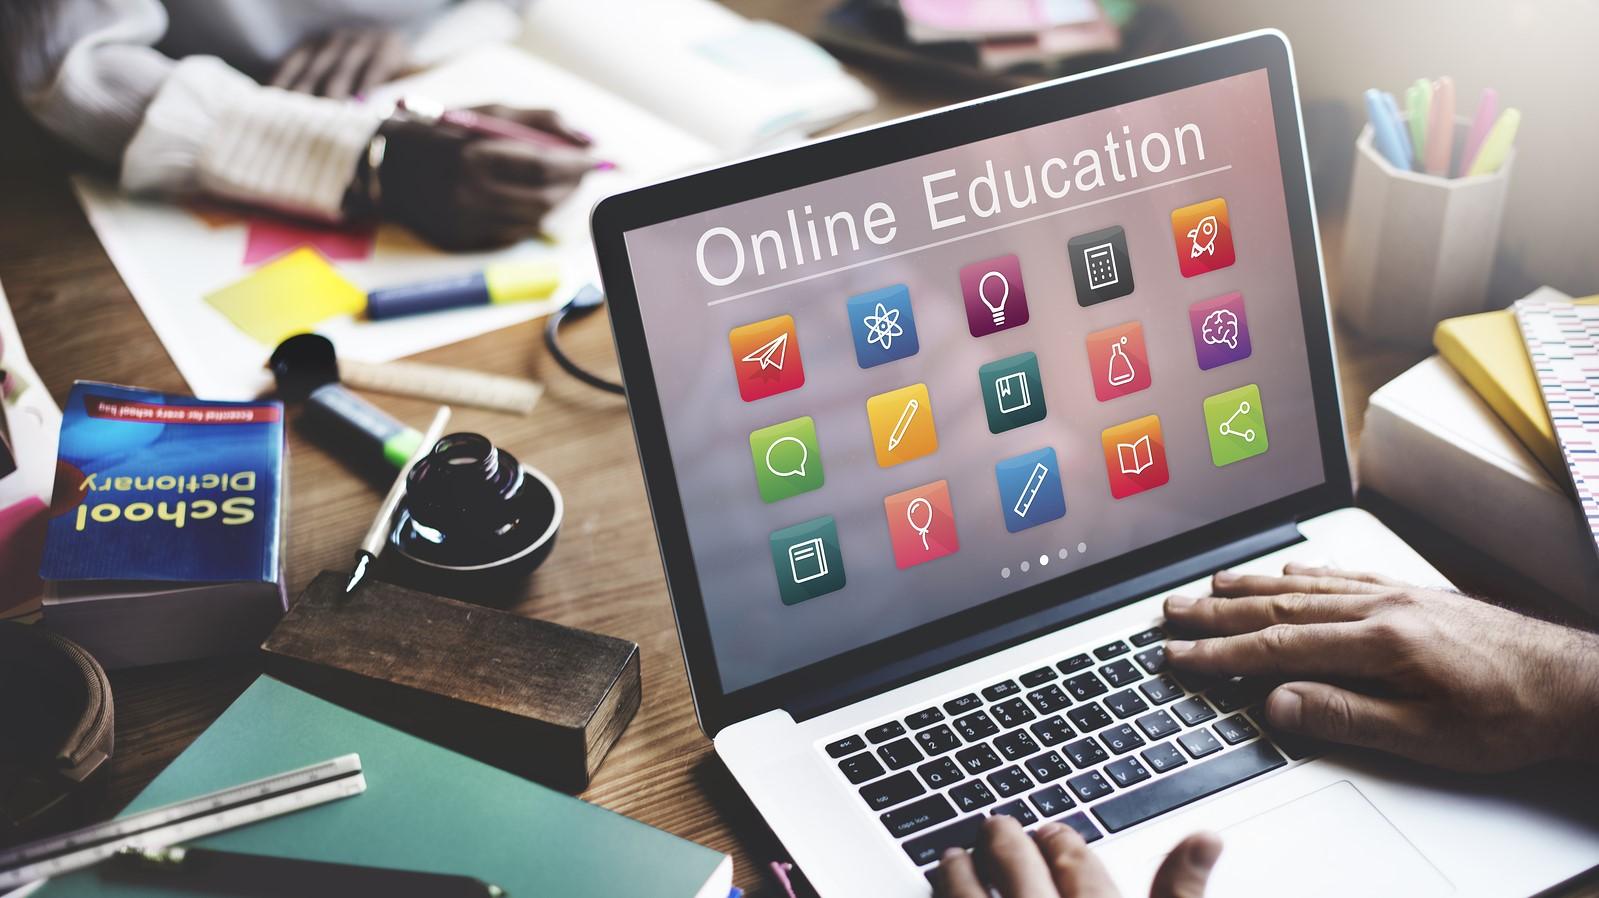 การ เรียนออนไลน์ ถือว่าเป็นรูปแบบการเรียนการสอนที่กำลังได้รับความนิยม